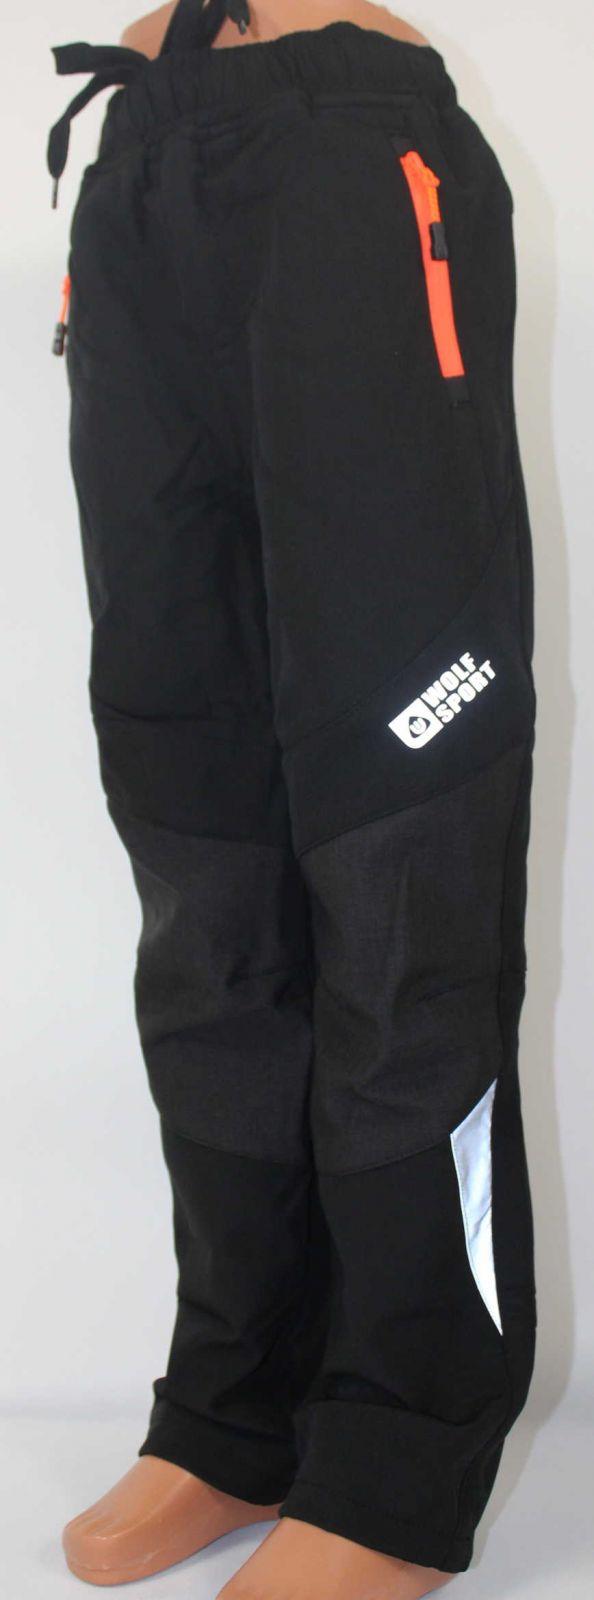 Dětské zateplené softshellové kalhoty WOLF, podzimní kalhoty, zimní kalhoty, zateplené kalhoty, dětské softshellové kalhoty, dívčí softshellové kalhoty, chlapecké softshellové kalhoty